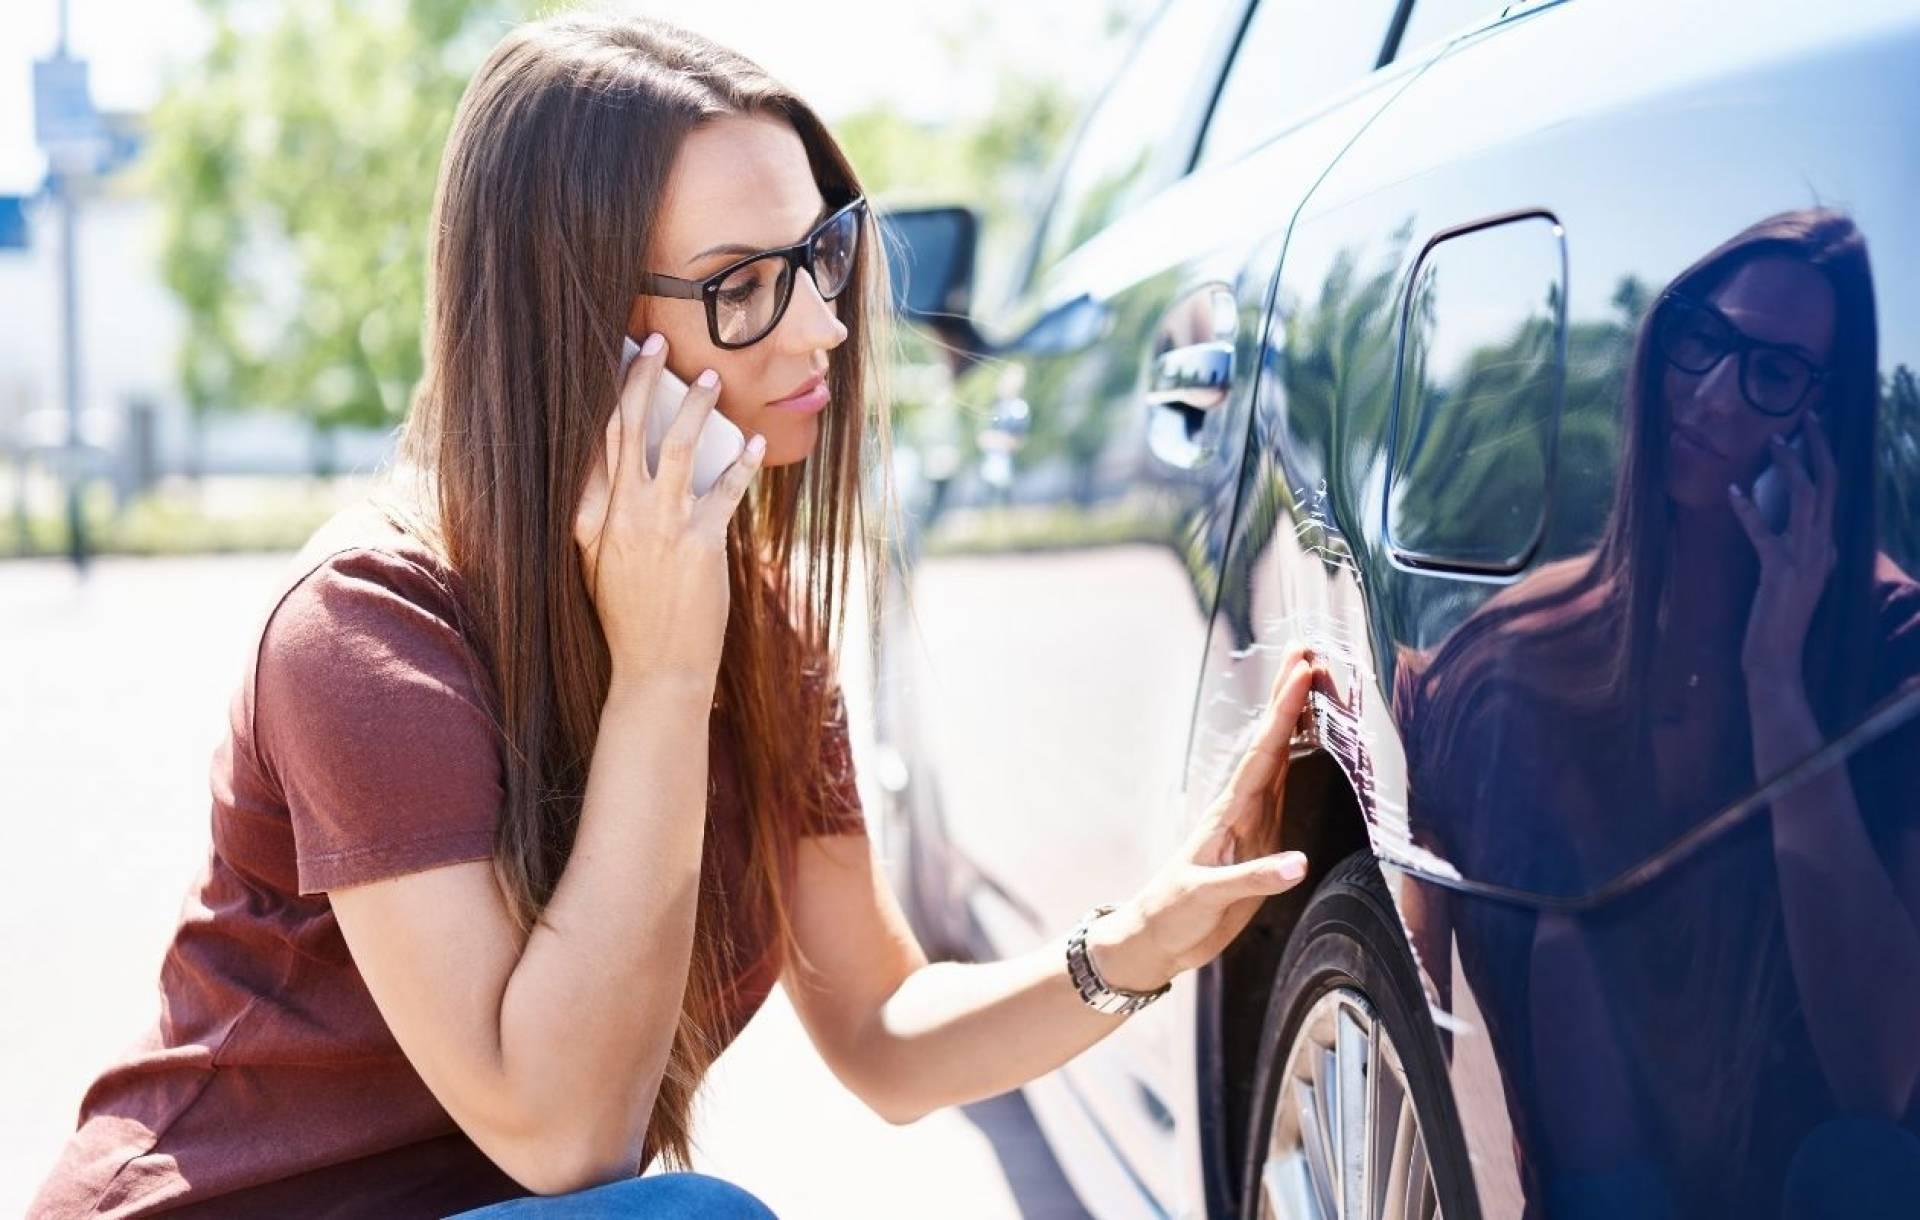 Lease Car Damages